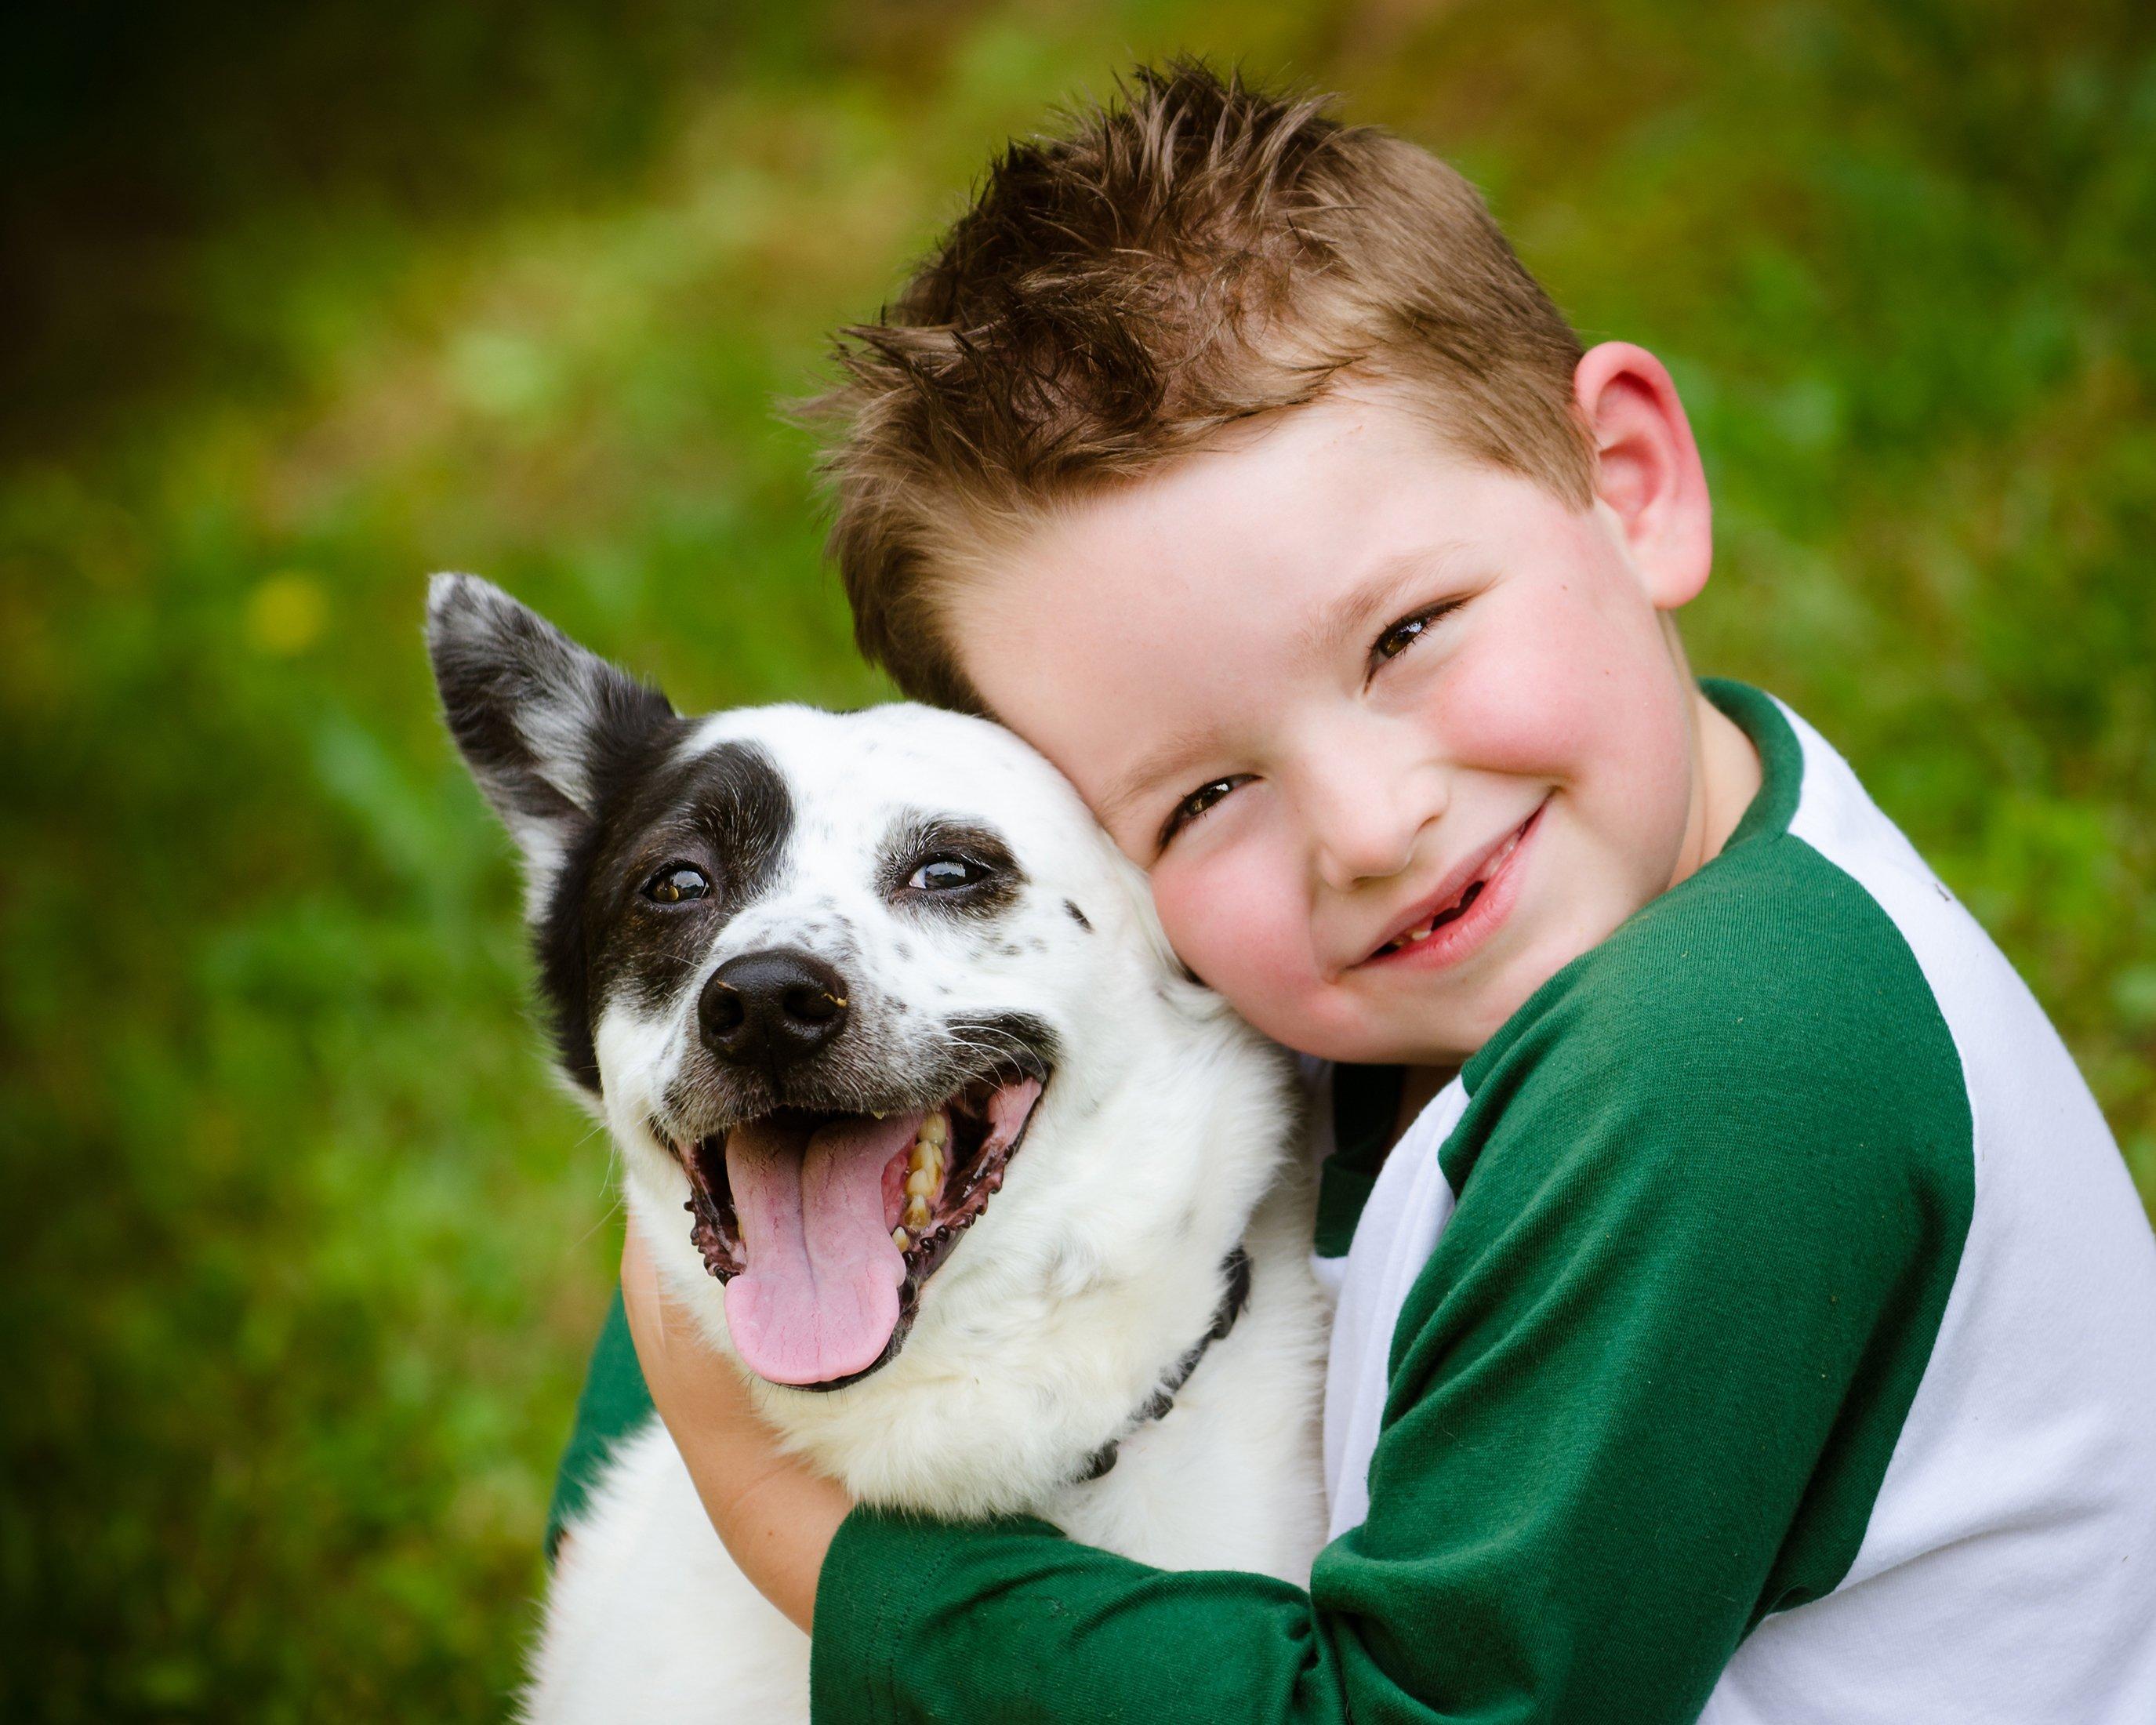 Niño con su perro || Fuente: Shutterstock